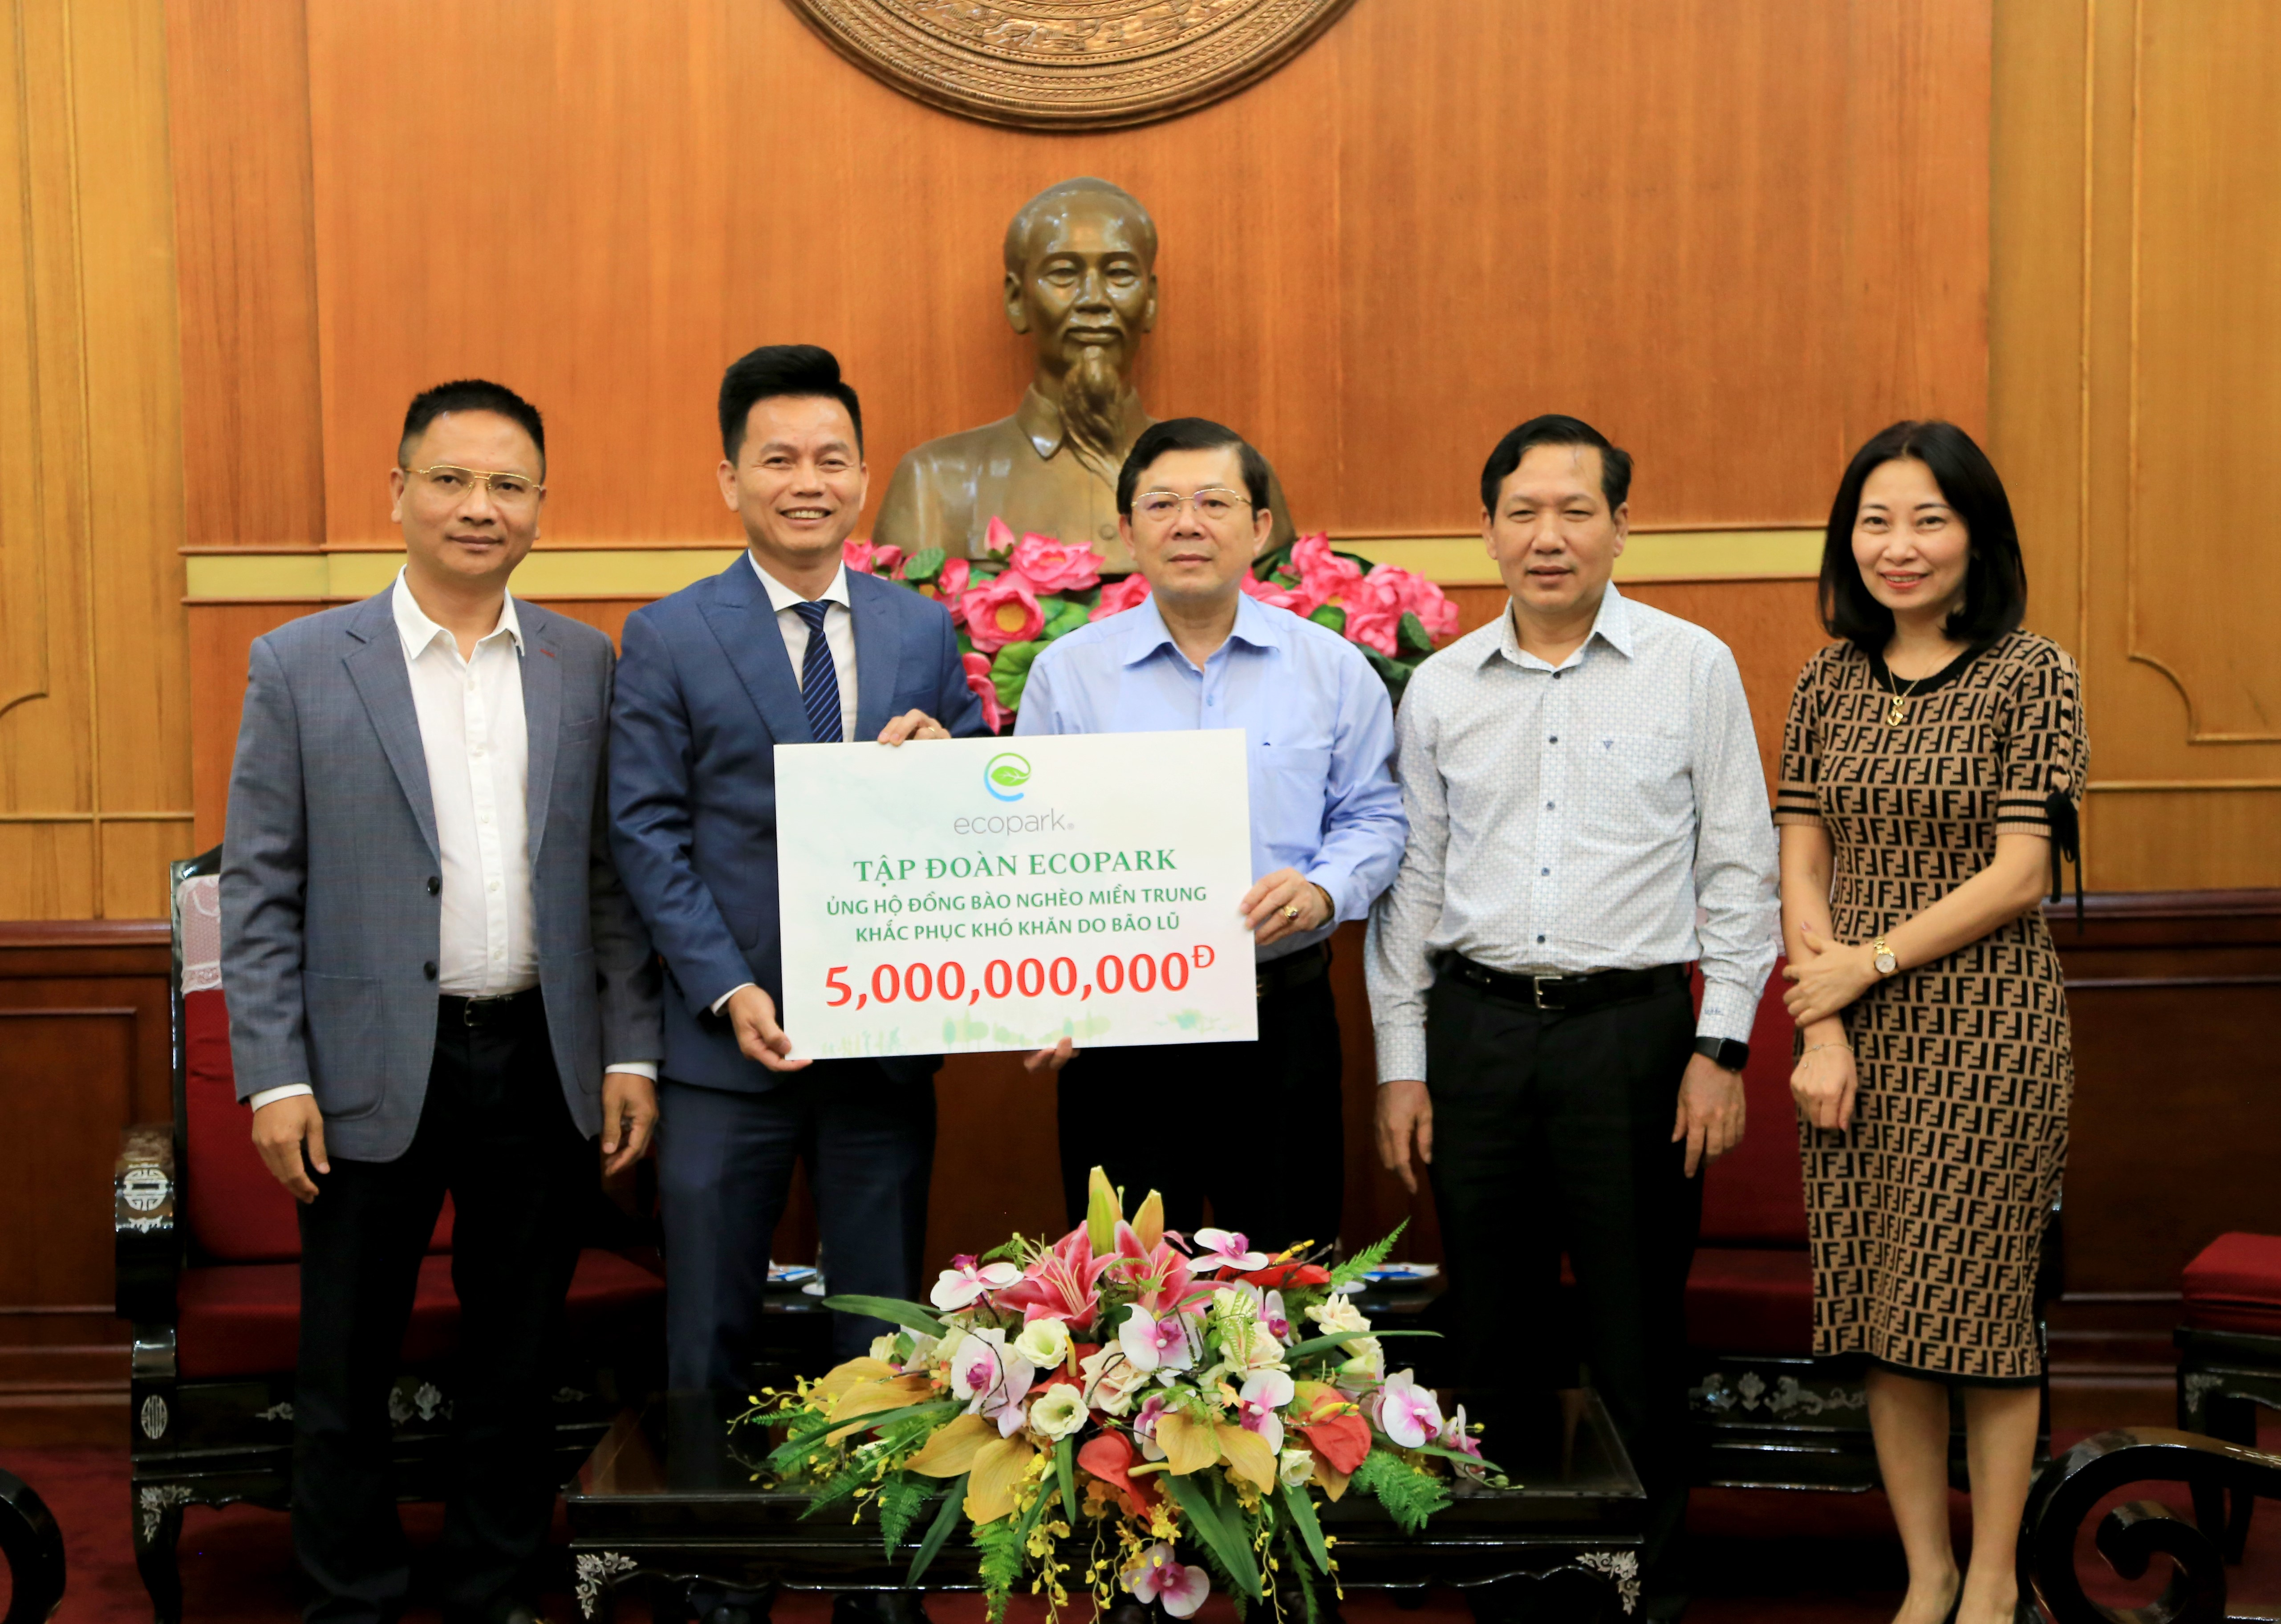 Ecopark ủng hộ đồng bào nghèo miền Trung 5 tỷ đồng khắc phục hậu quả bão lũ